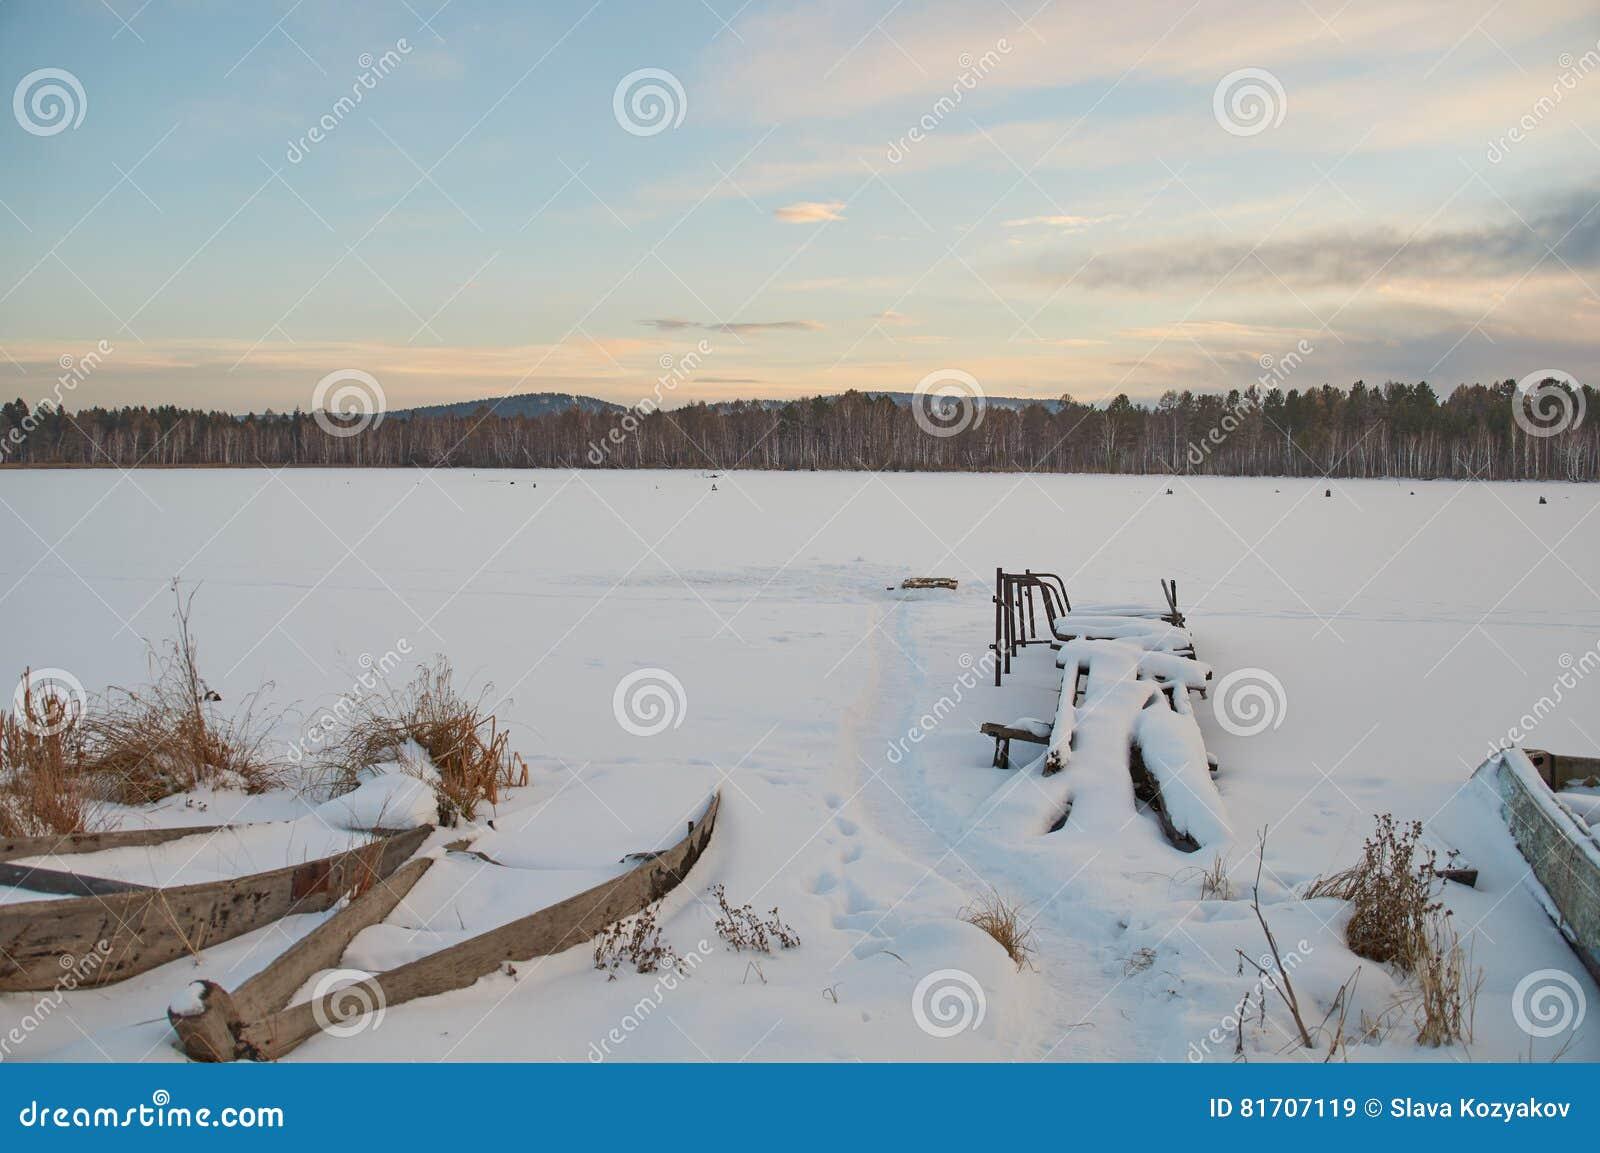 俄罗斯风景-村庄-日落